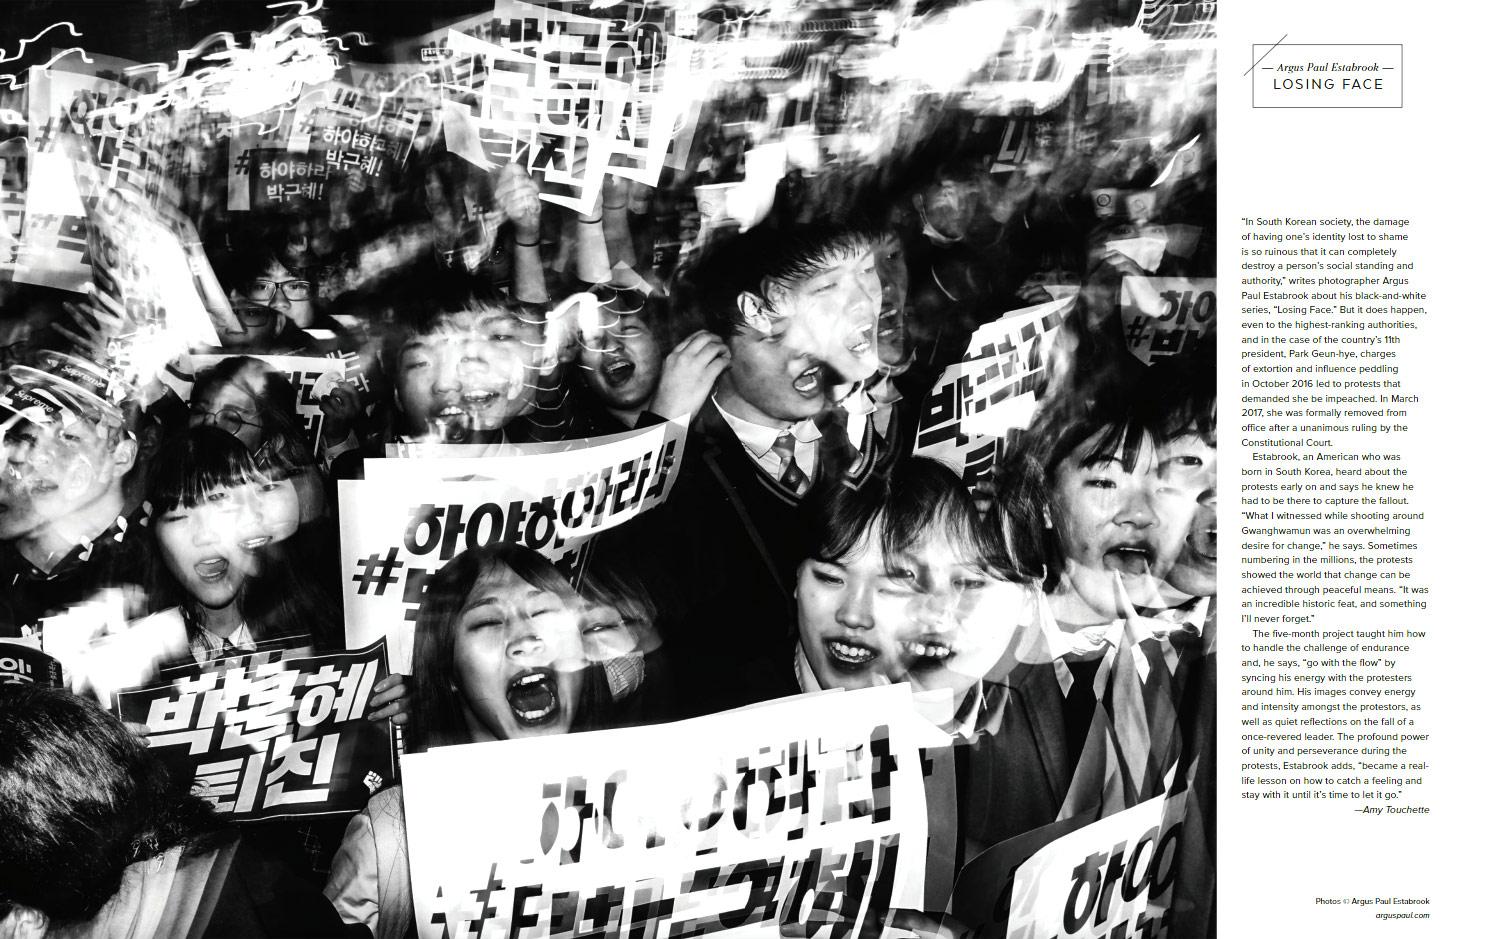 Потерянное лицо, © Аргус Пол Эстрюк / Argus Paul Estabrook, Фотоконкурс «Новый фотограф» / Emerging Photographer